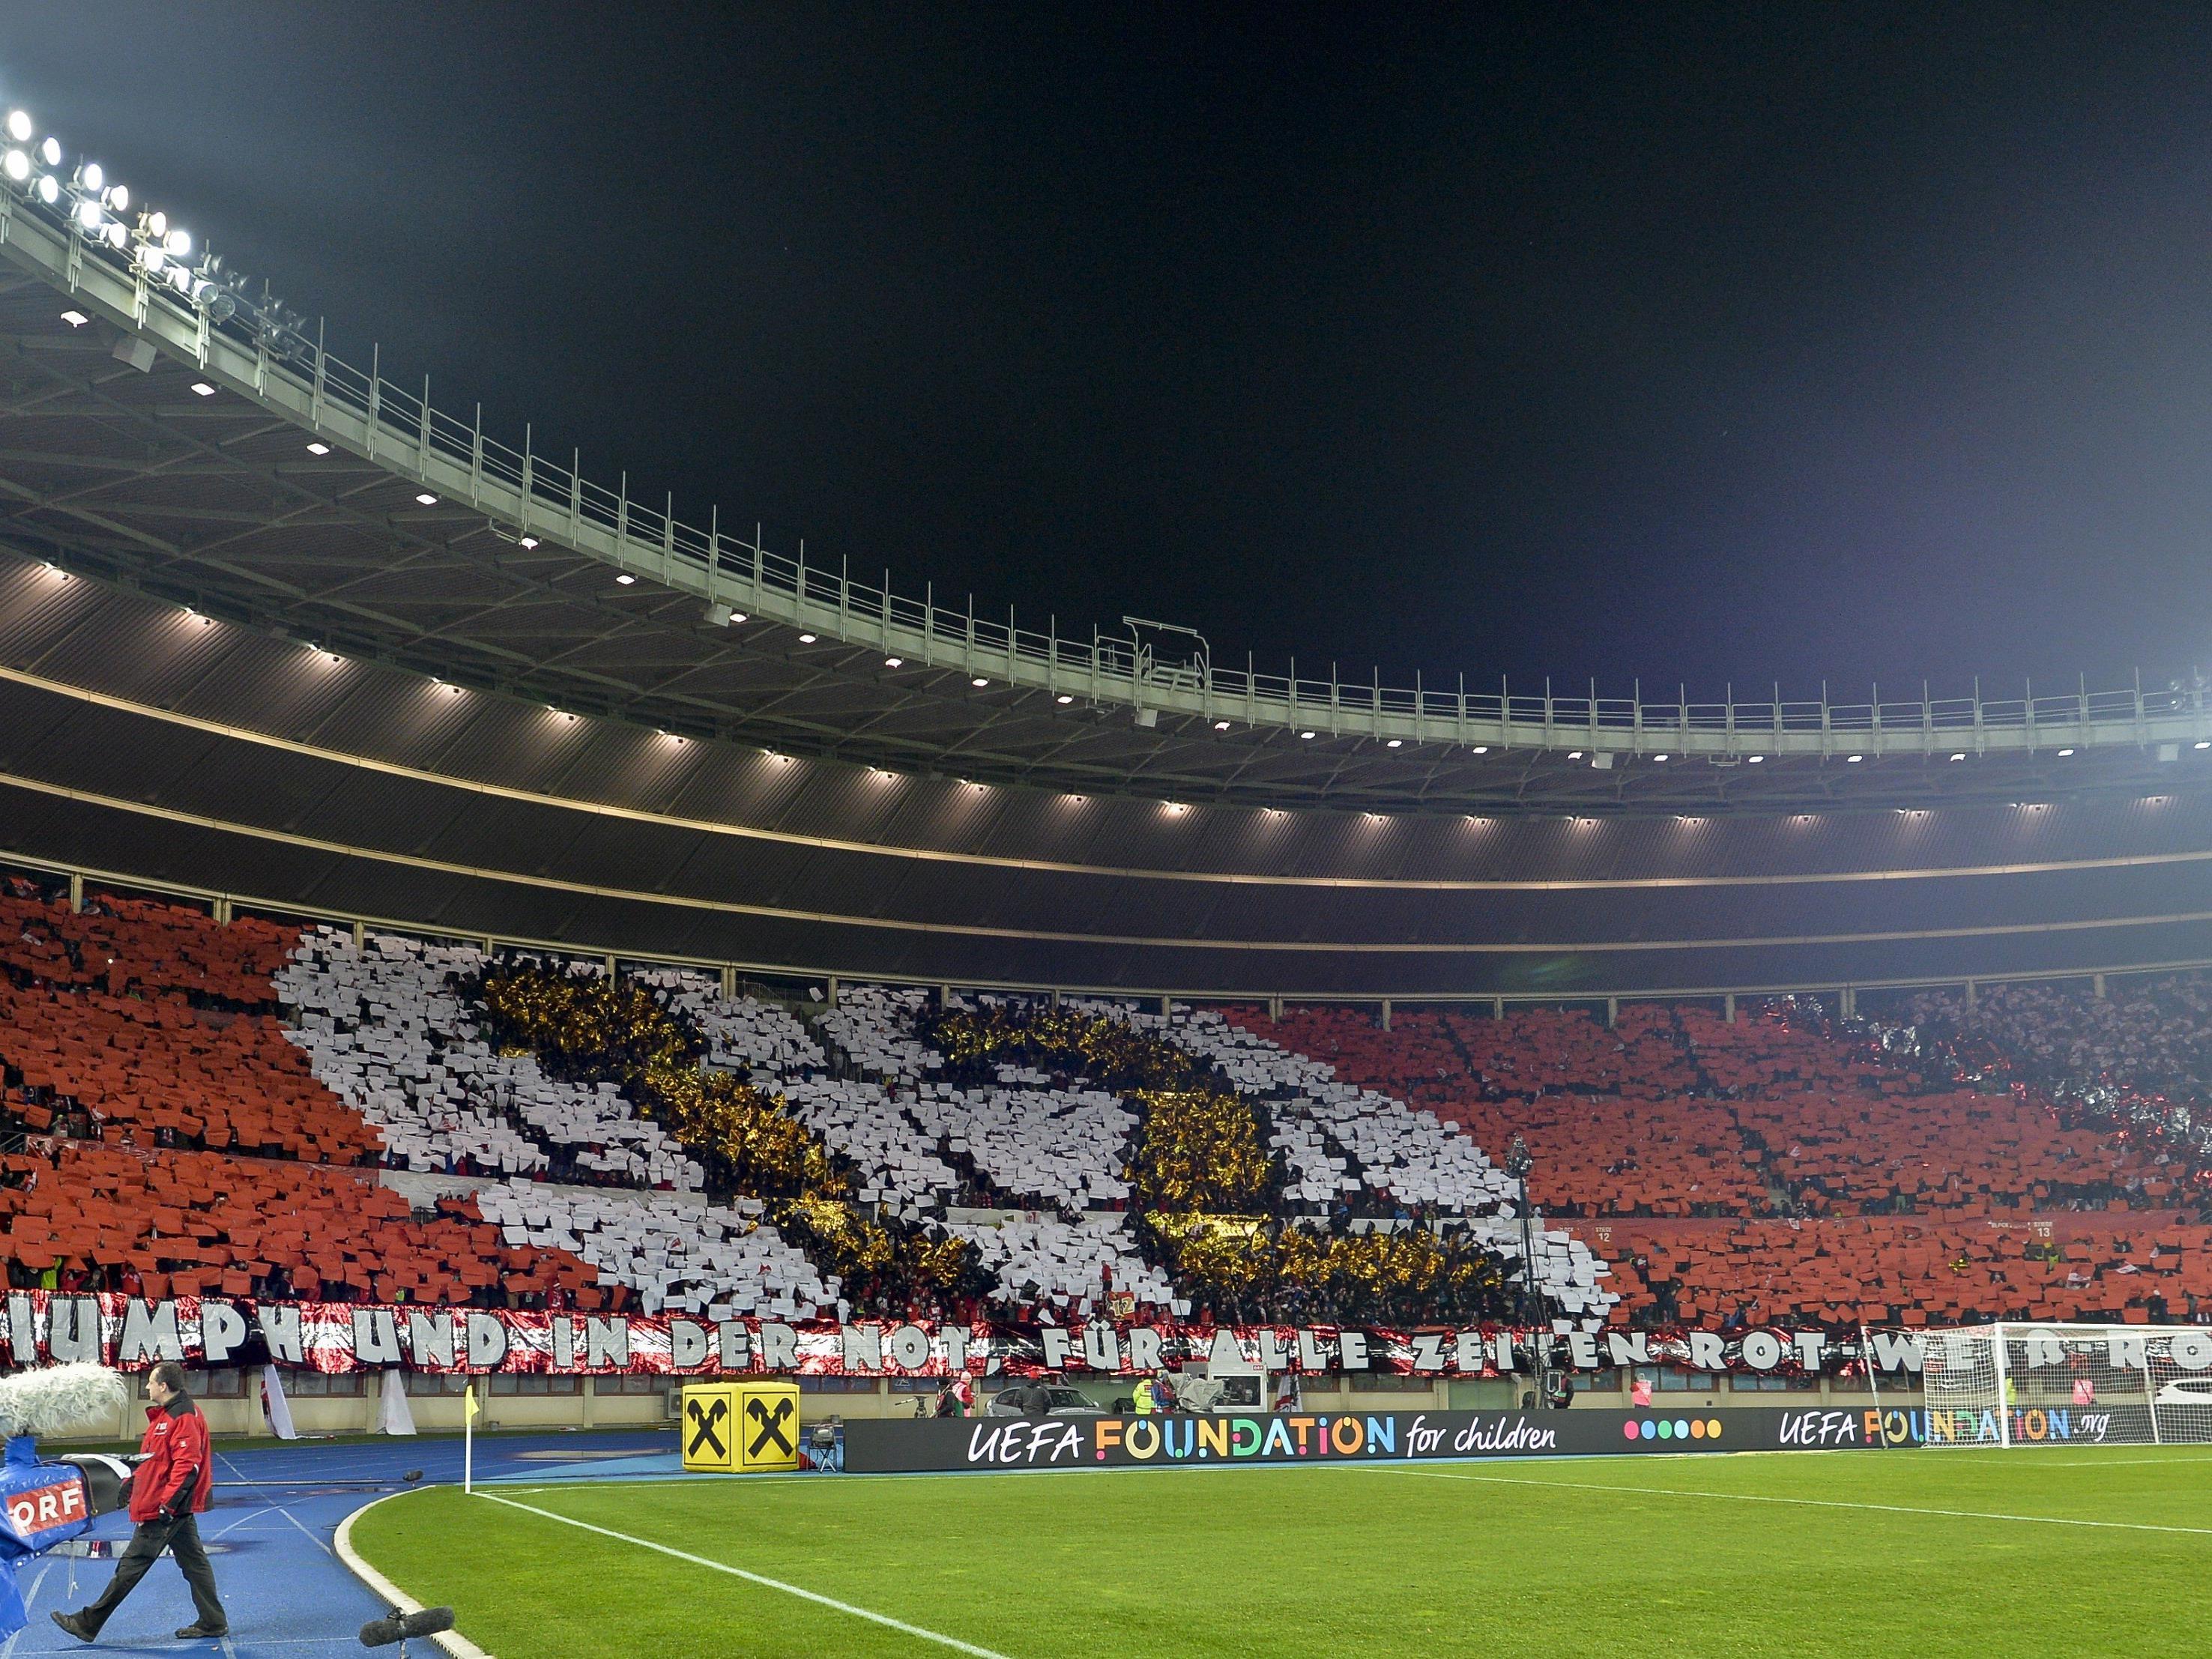 Das Spiel gegen Moldau wird im Happel-Stadion stattfinden